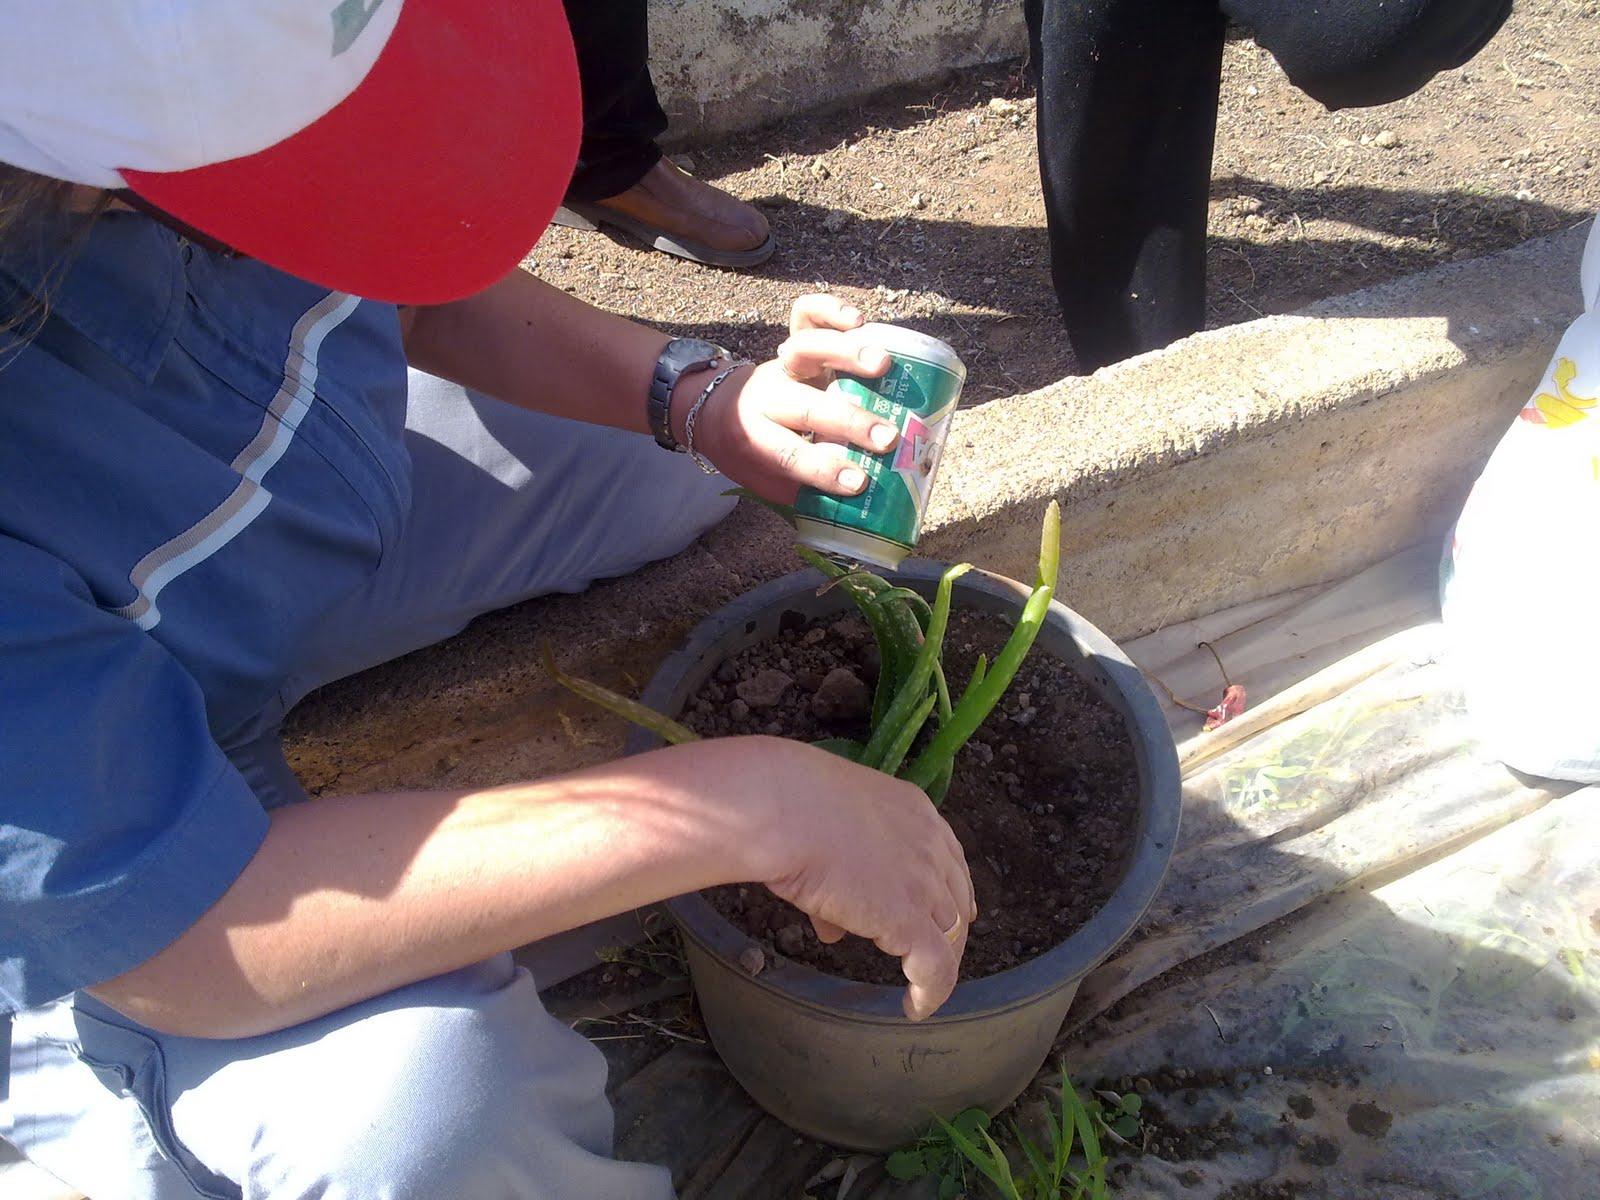 Curso auxiliar jardineria siembra de aloe vera for Auxiliar jardineria